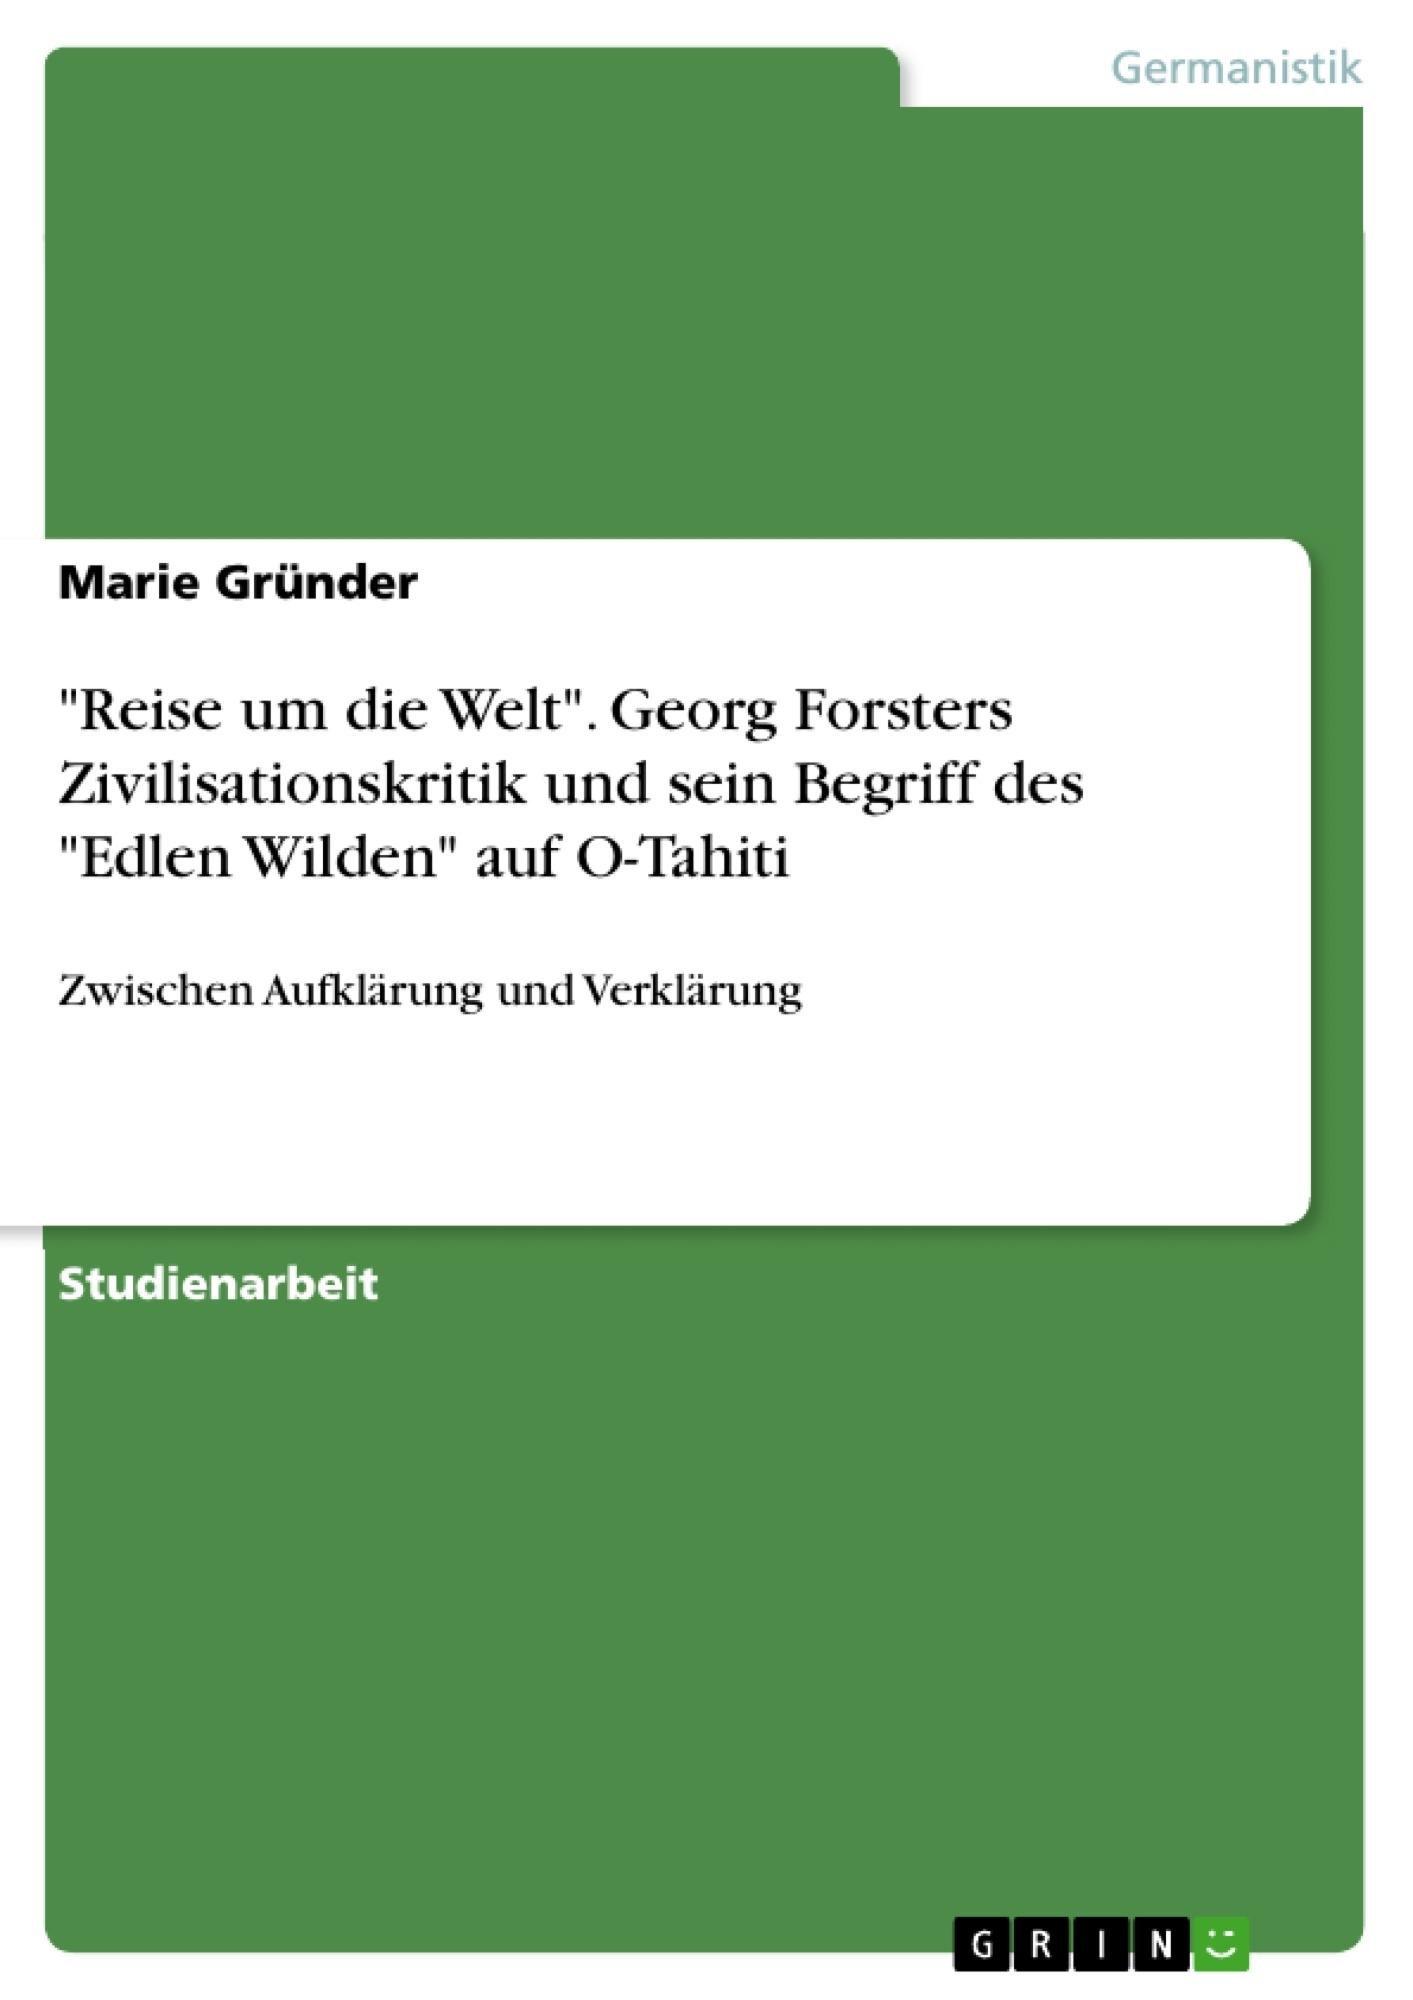 """Titel: """"Reise um die Welt"""". Georg Forsters Zivilisationskritik und sein Begriff des """"Edlen Wilden"""" auf O-Tahiti"""